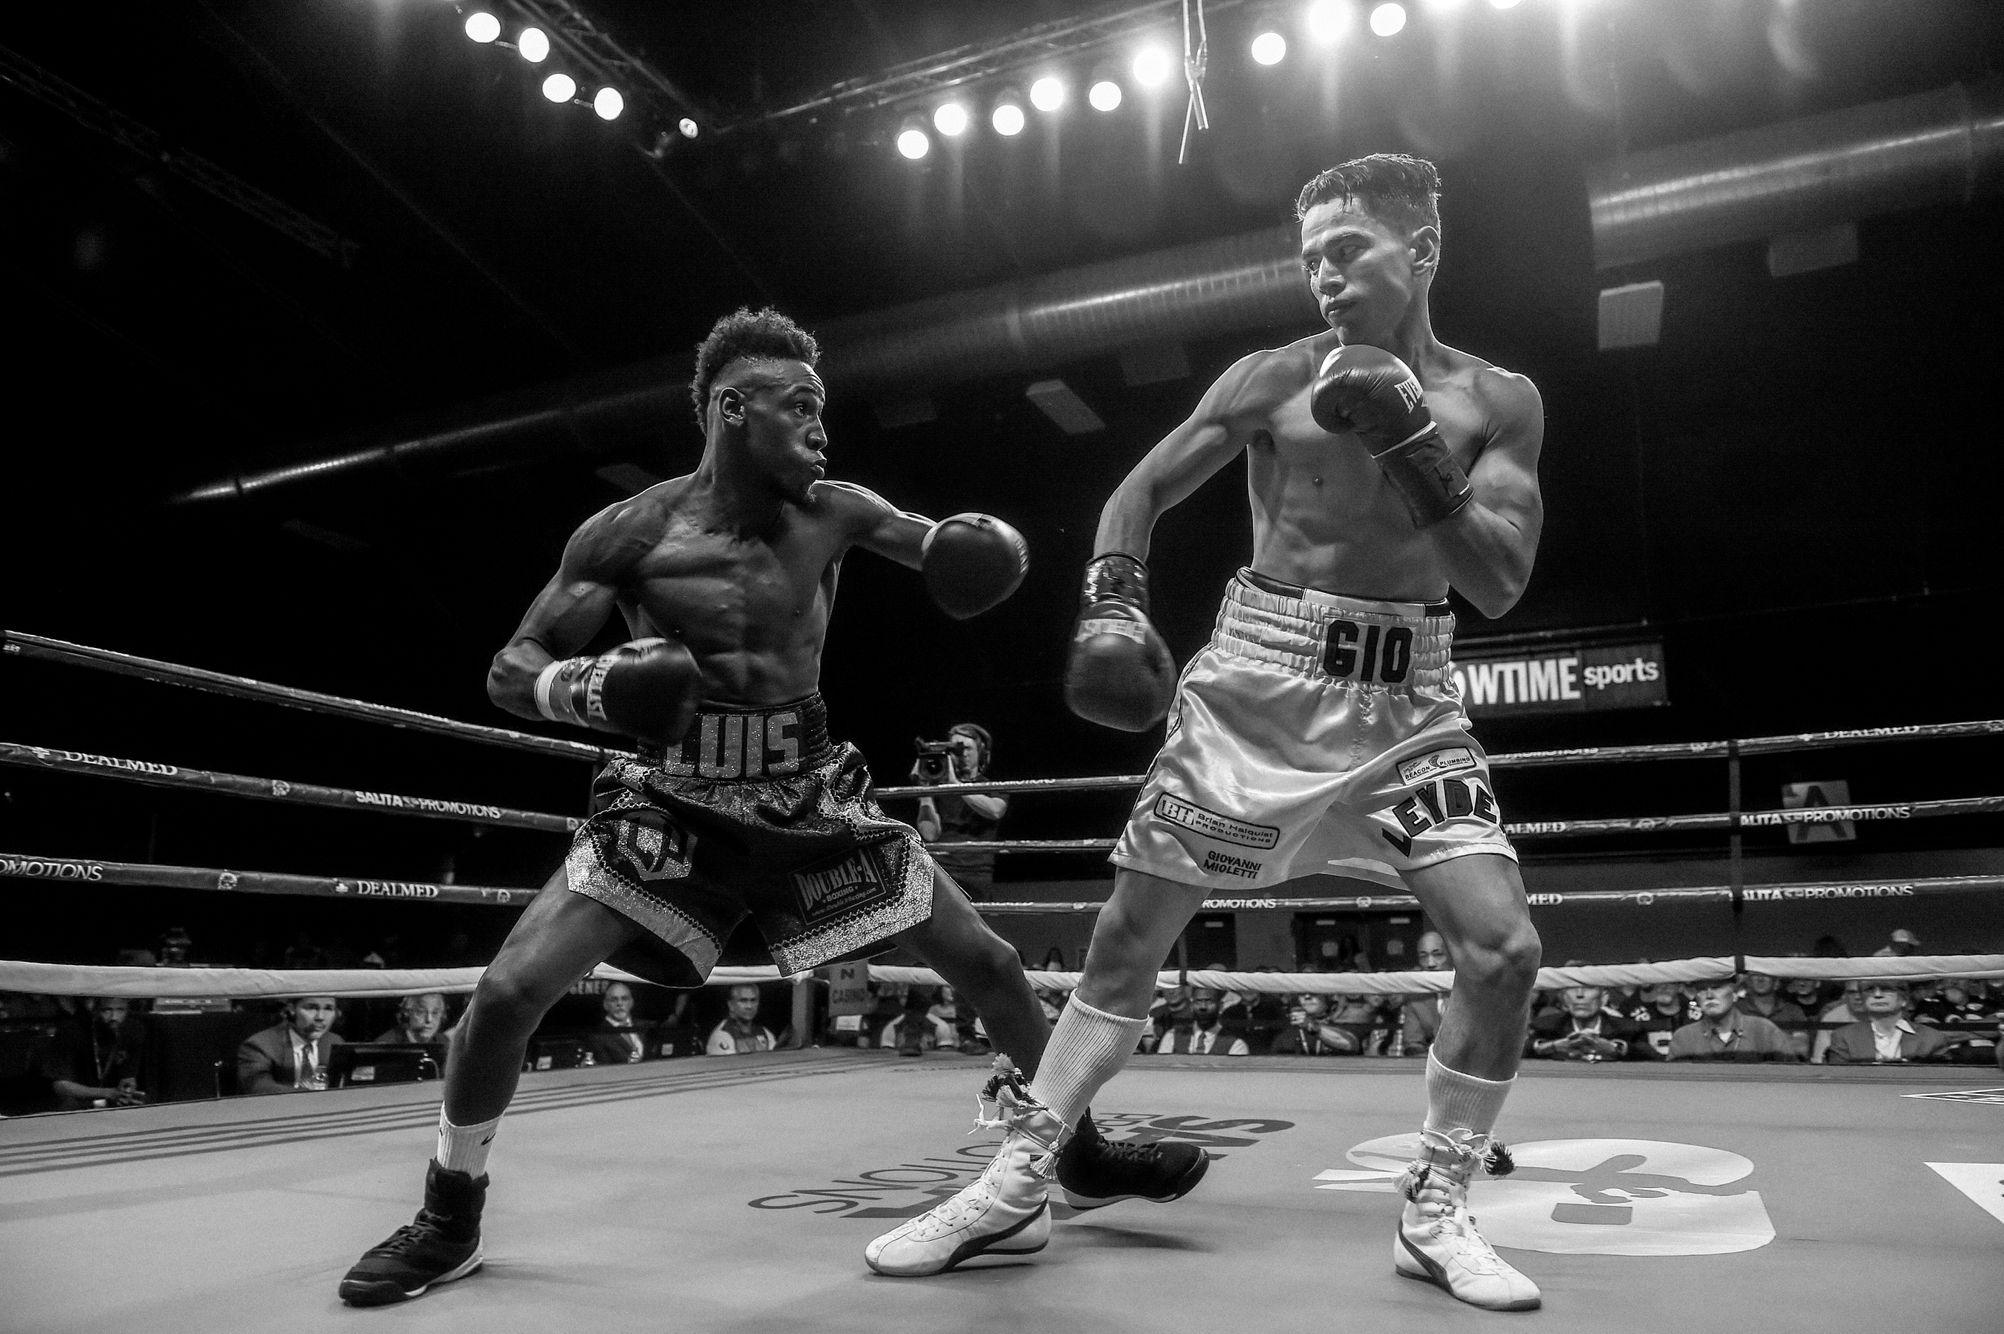 Gio Cabrera, professional boxer, 2019 17-0